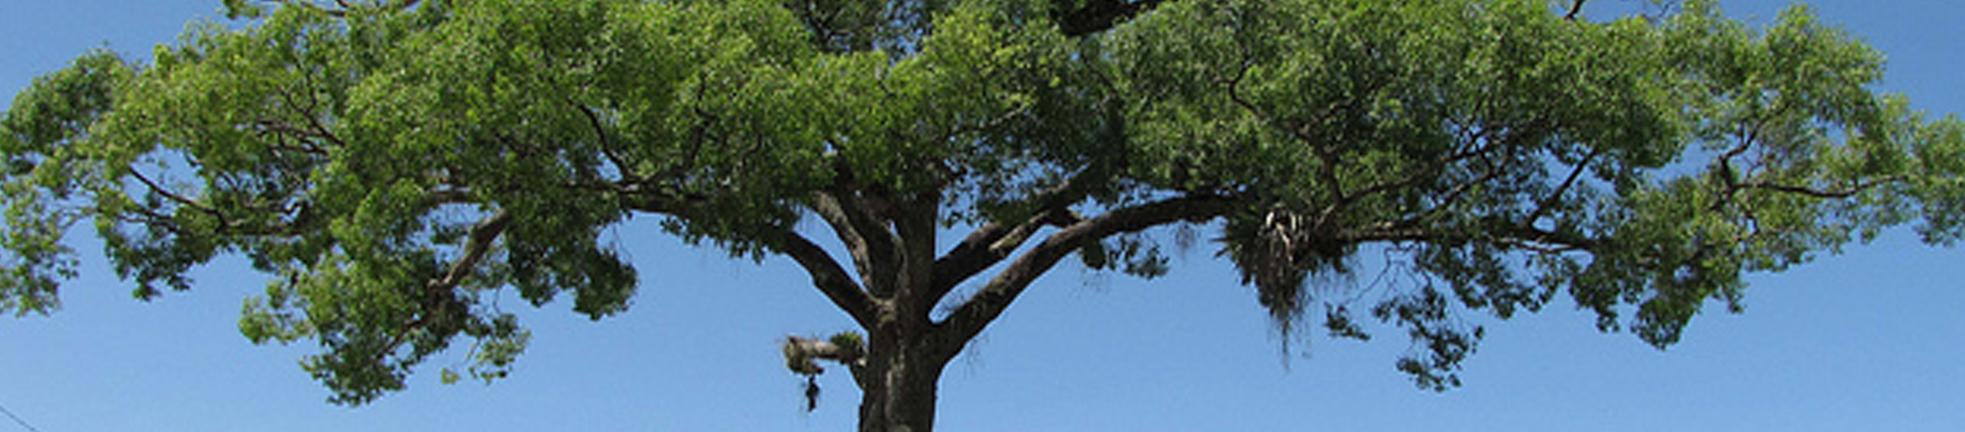 Fonte da imagem: http://www.bebidaexpressblog.com.br/sem-categoria/madeiras-utilizadas-para-conservar-cachaca